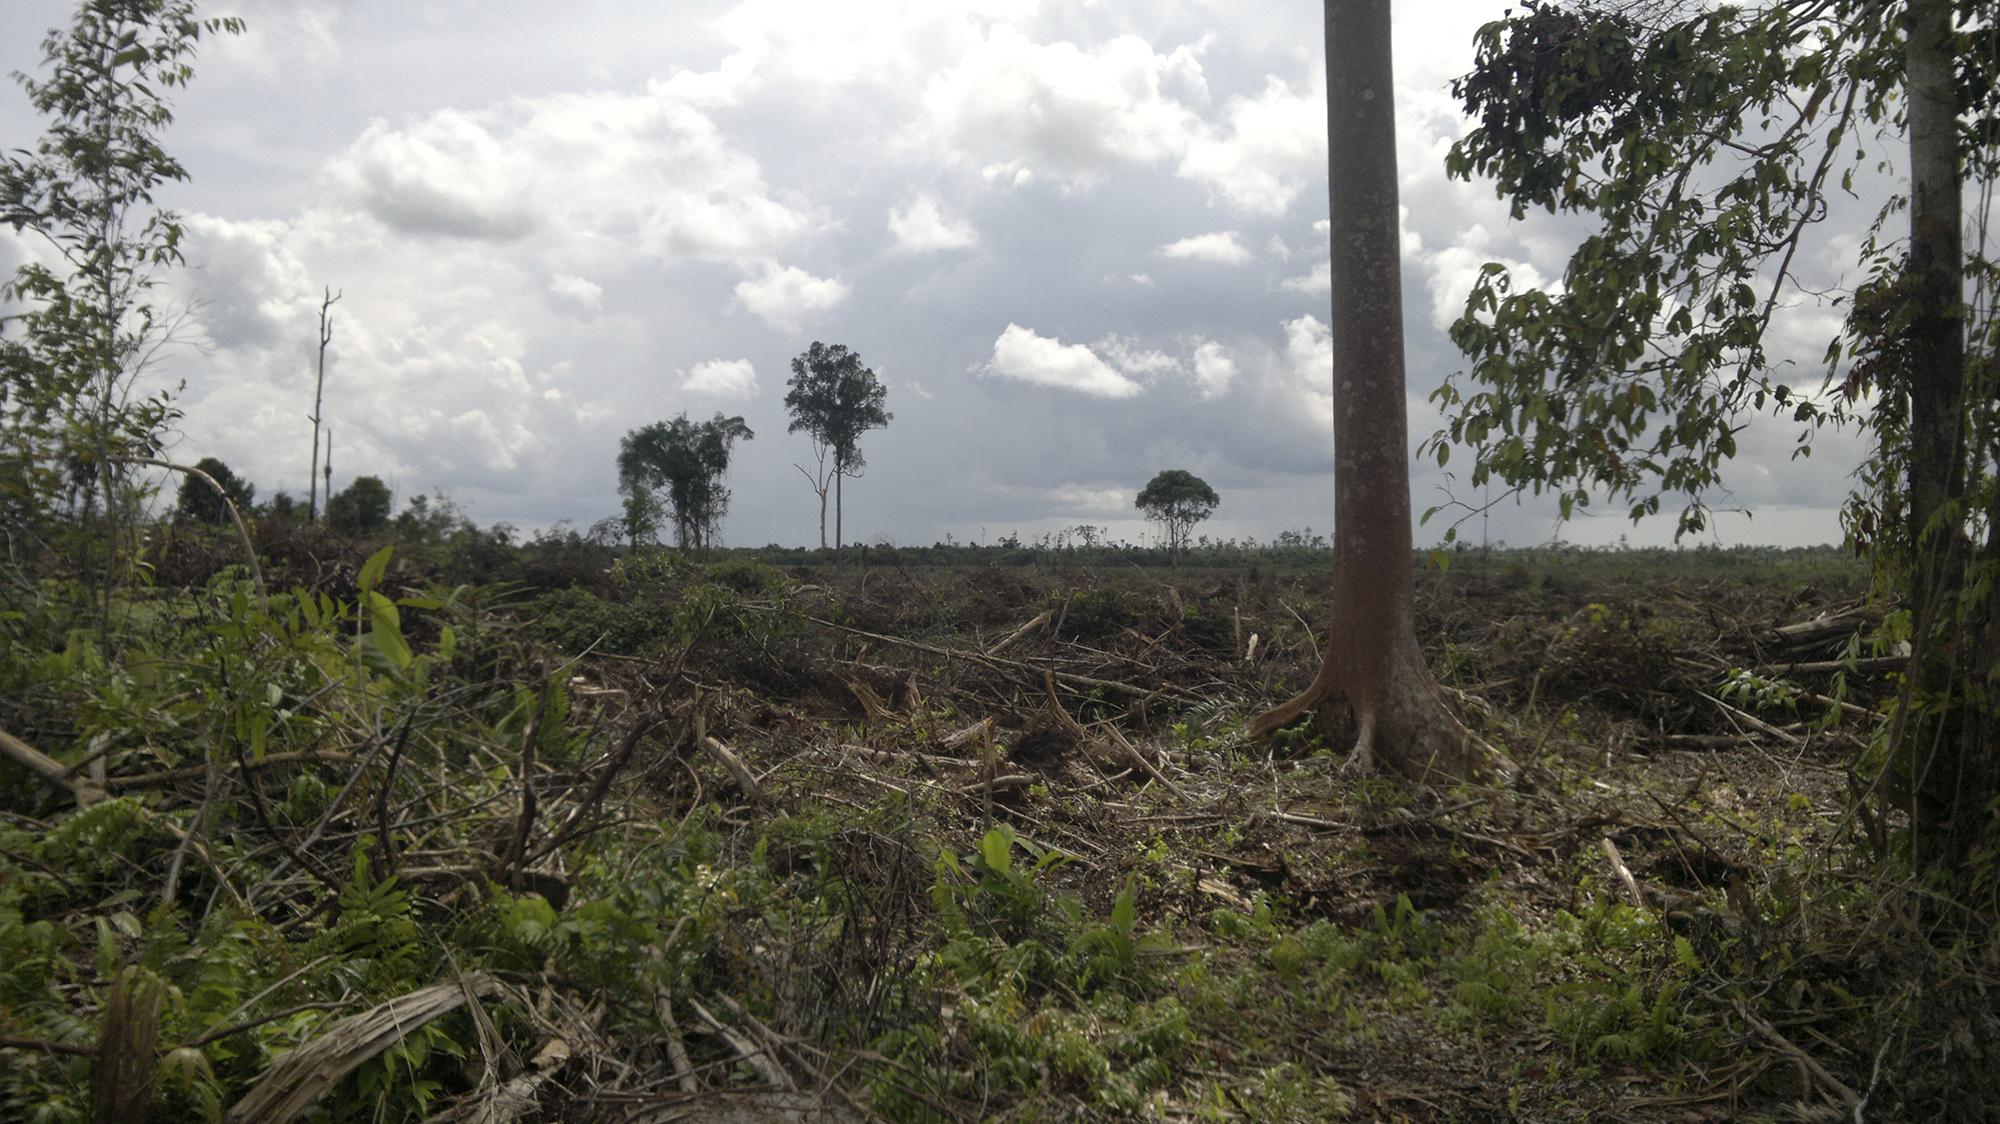 Abgeholzter Wald auf Borneo: Der globale Palmöl-Boom kostete allein in Indonesien und Malaysia 3,7 Millionen Hektar Regenwald.